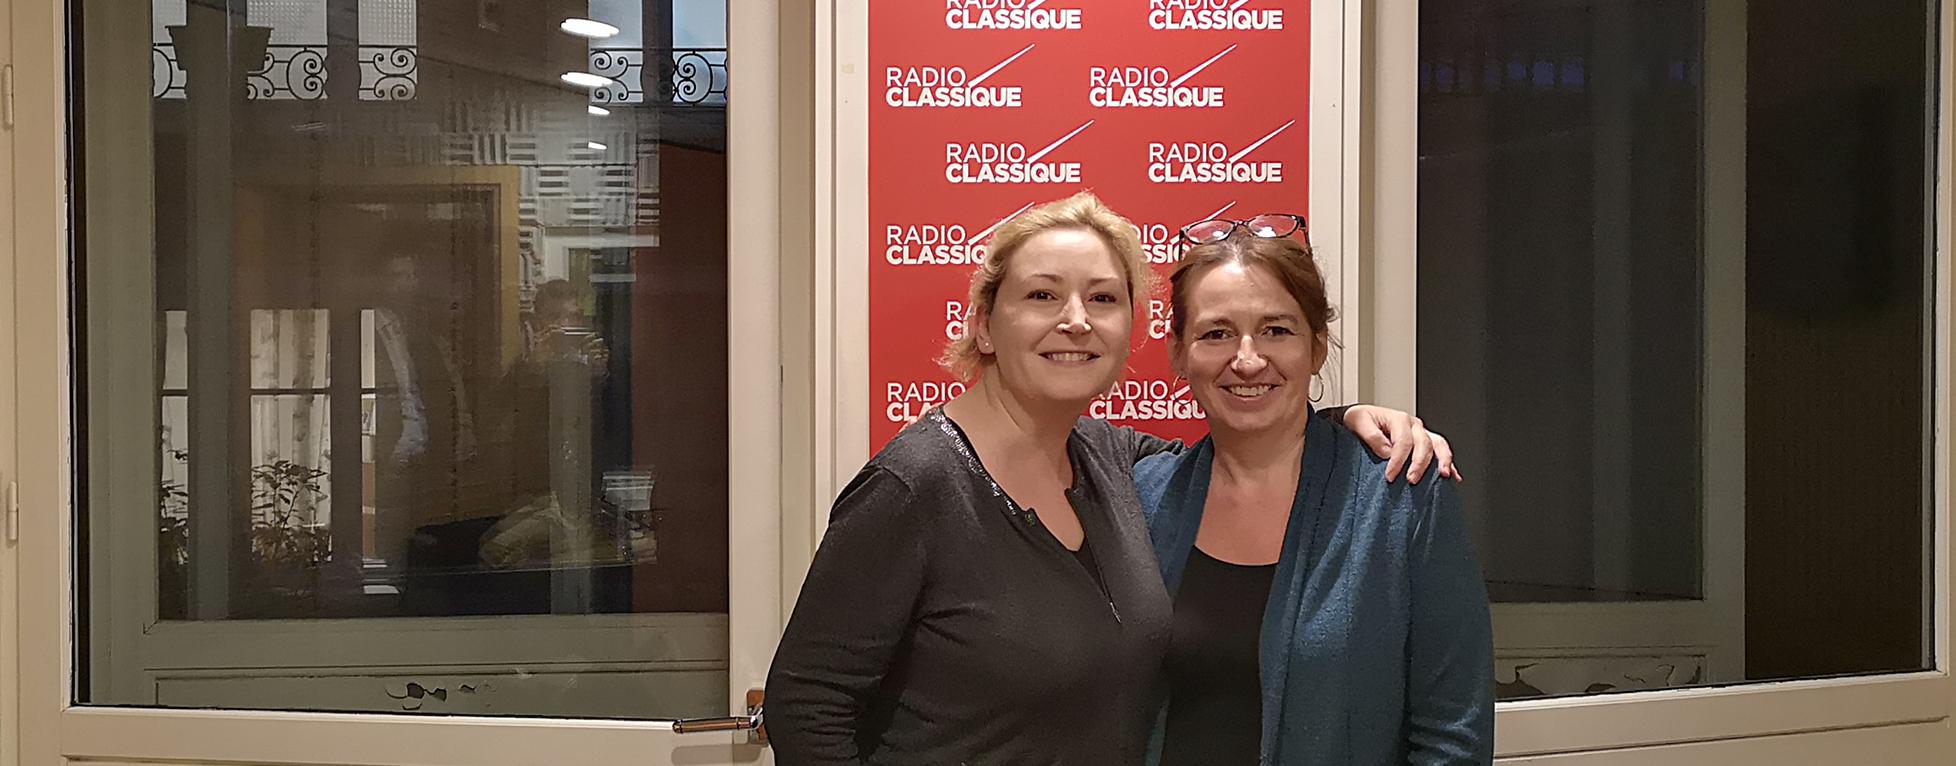 Laure Mézan reçoit la mezzo-soprano Karine Deshayes